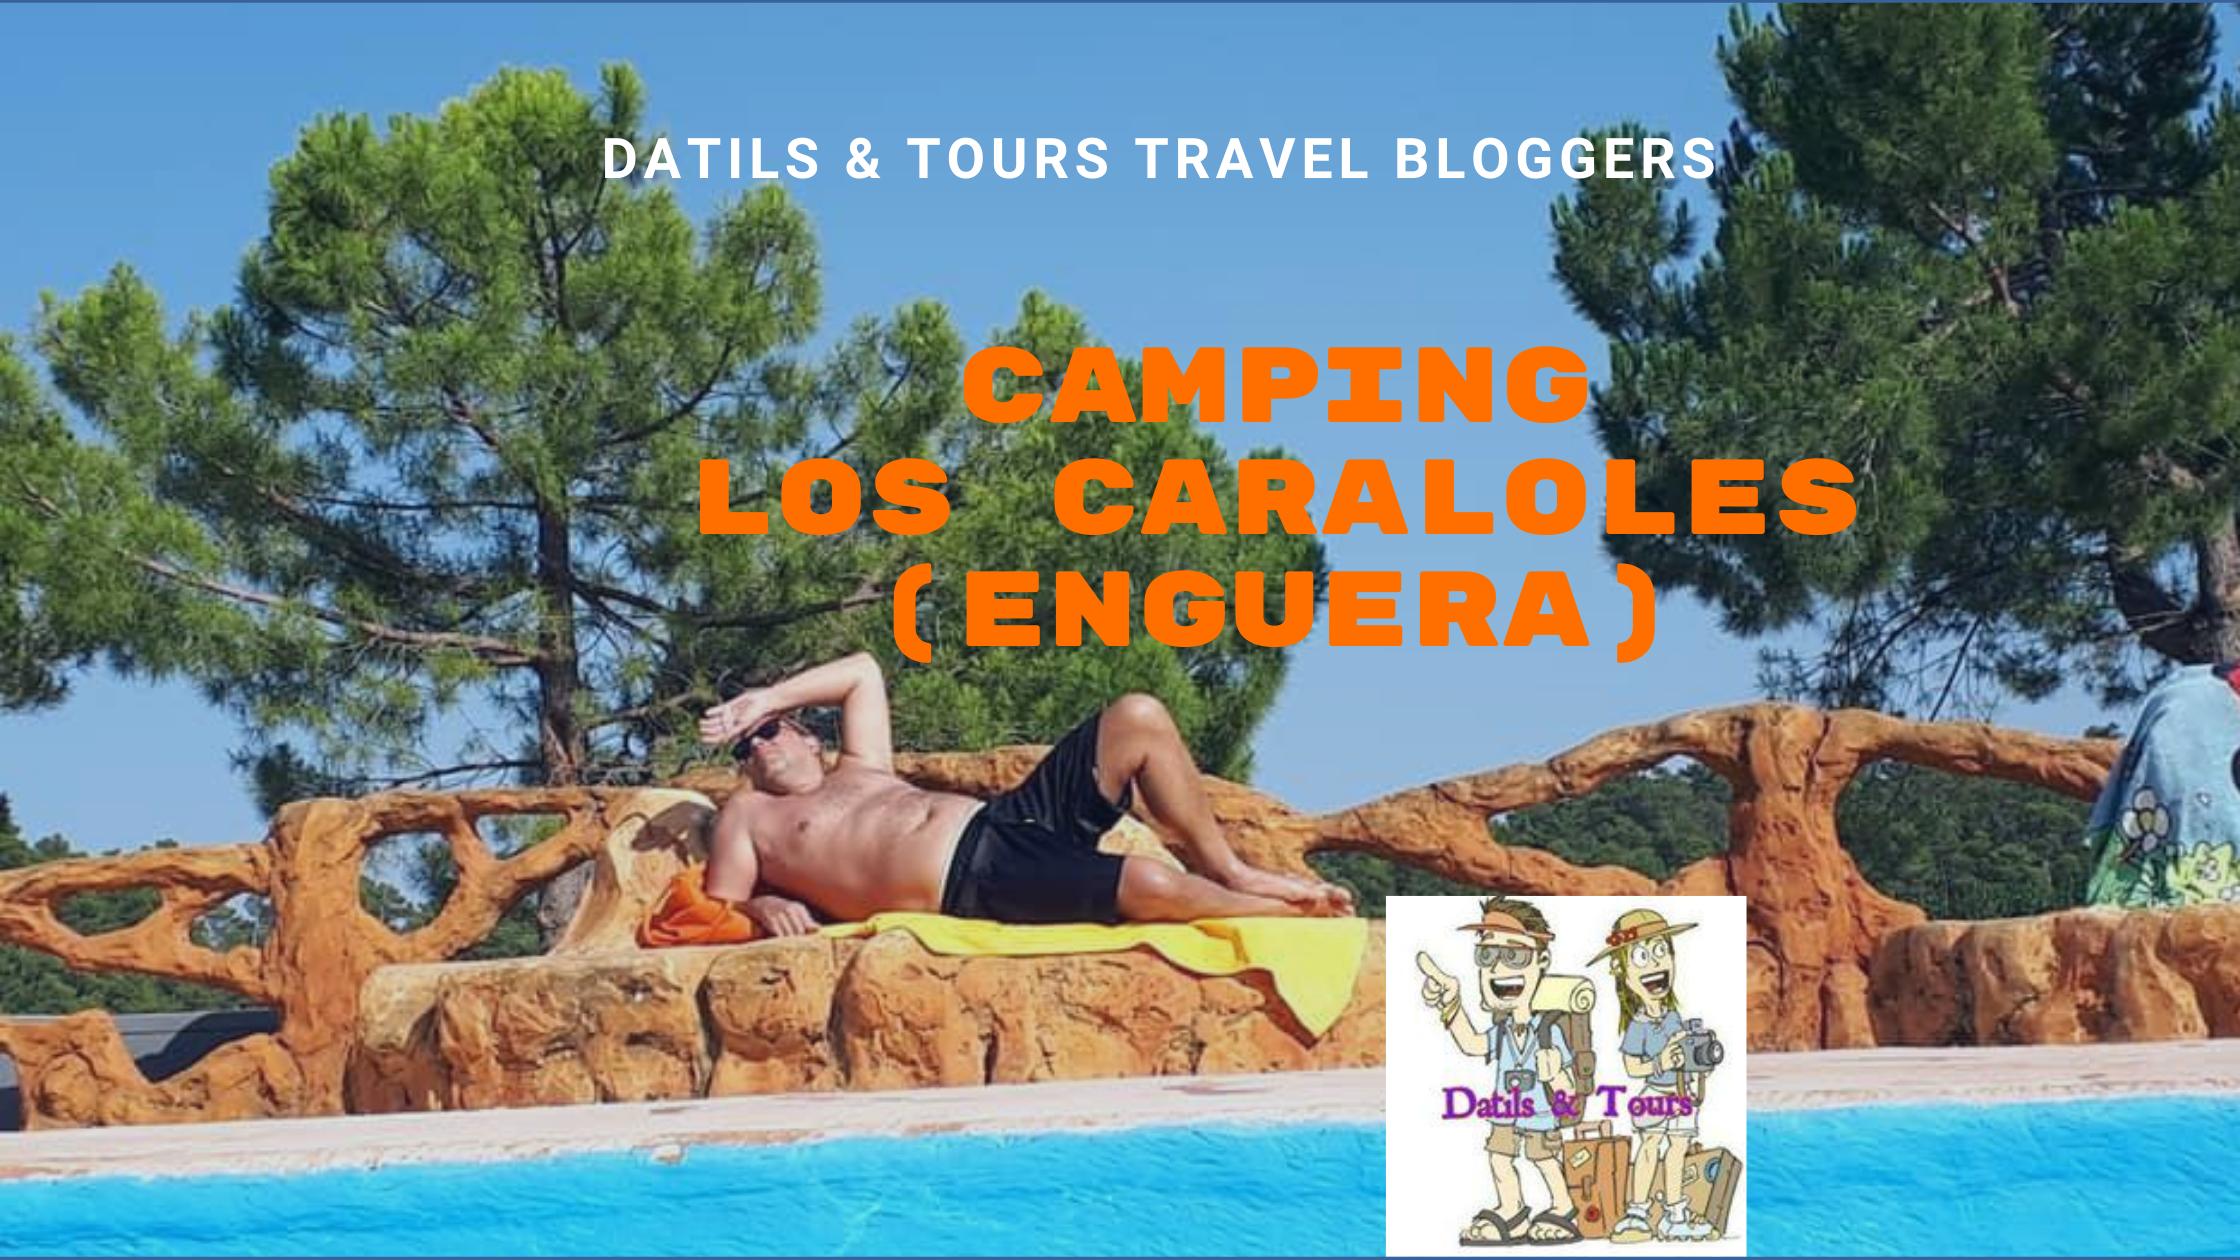 Camping Los Carasoles